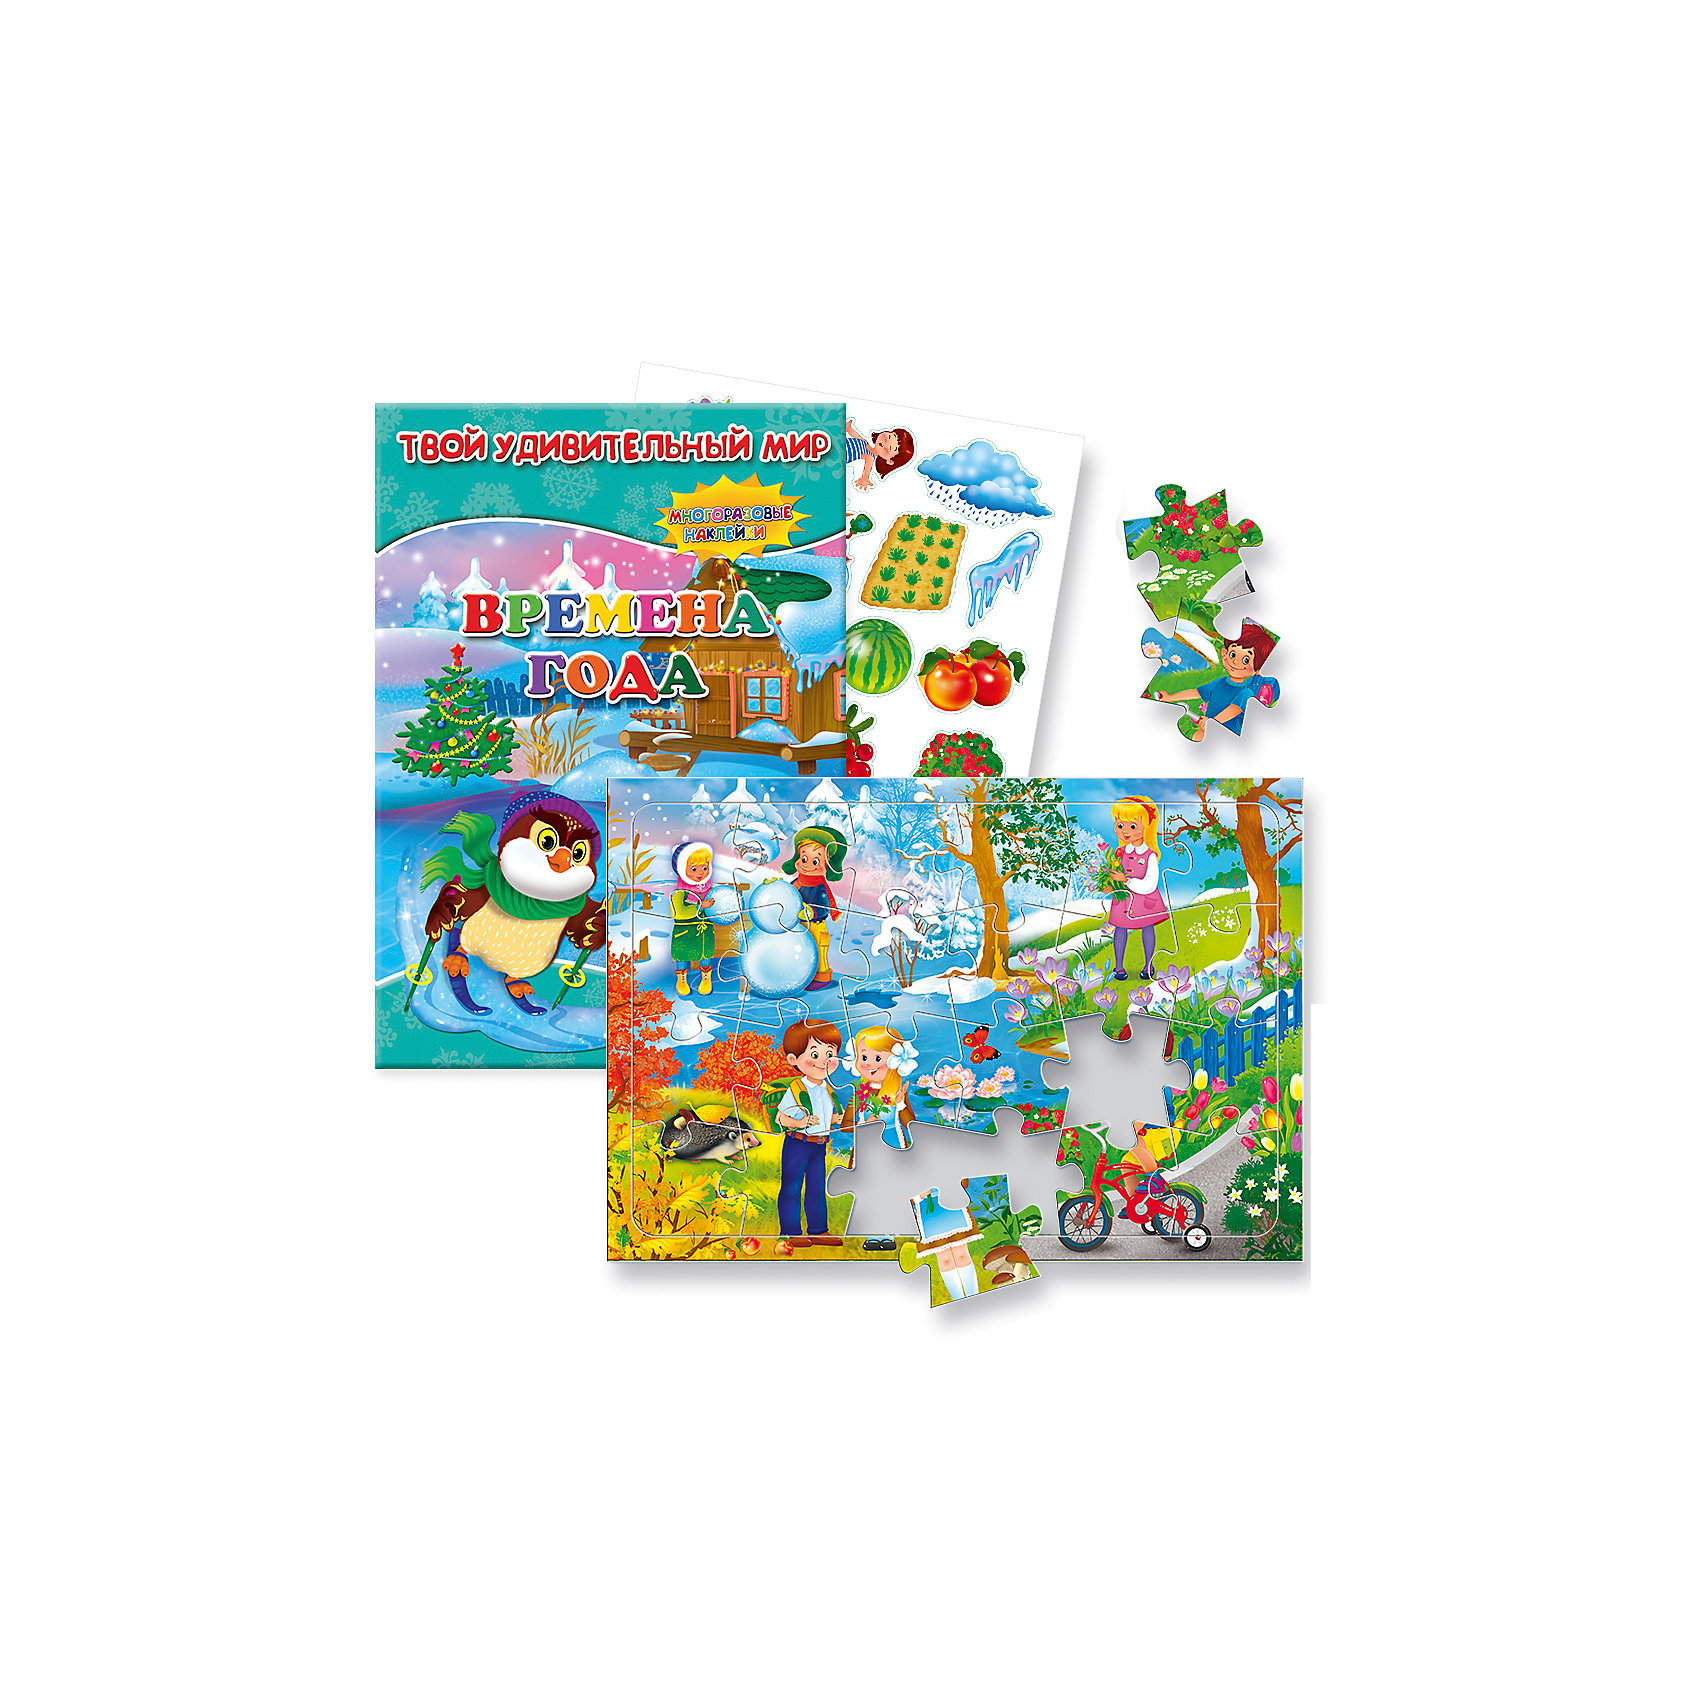 Комплект Времена года (2 предмета)Комплект Времена года (2 предмета)<br><br>Характеристики:<br><br>• В набор входит: пазл, книжка<br>• Количество деталей пазла: 24 шт.<br>• Размер: 28 * 0,5 * 20 см.<br>• Состав: бумага, картон<br>• Вес: 230 г.<br>• Для детей в возрасте: от 3 до 7 лет<br>• Страна производитель: Россия<br><br>Книжка рассказывает интересные явления о сезонах и временах года, предлагает задания и содержит многоразовые тематические наклейки. Наклейки разделены на блоки и рассказывают постепенно о каждом времени года, всего в наборе 43 наклейки. Пазл в специальной рамке с нижним картонным слоем можно собирать и в дороге, ведь его детали не разбегутся по сторонам. <br><br>Комплект Времена года (2 предмета) можно купить в нашем интернет-магазине.<br><br>Ширина мм: 280<br>Глубина мм: 200<br>Высота мм: 5<br>Вес г: 230<br>Возраст от месяцев: 36<br>Возраст до месяцев: 84<br>Пол: Унисекс<br>Возраст: Детский<br>SKU: 5422979